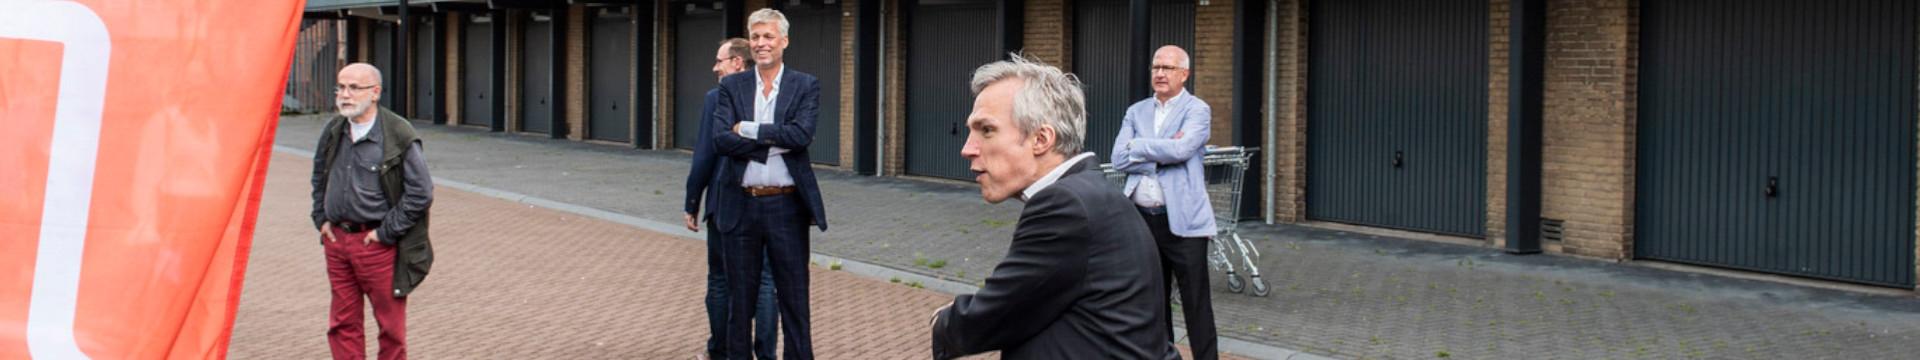 Communicatiestrategie Schiedam